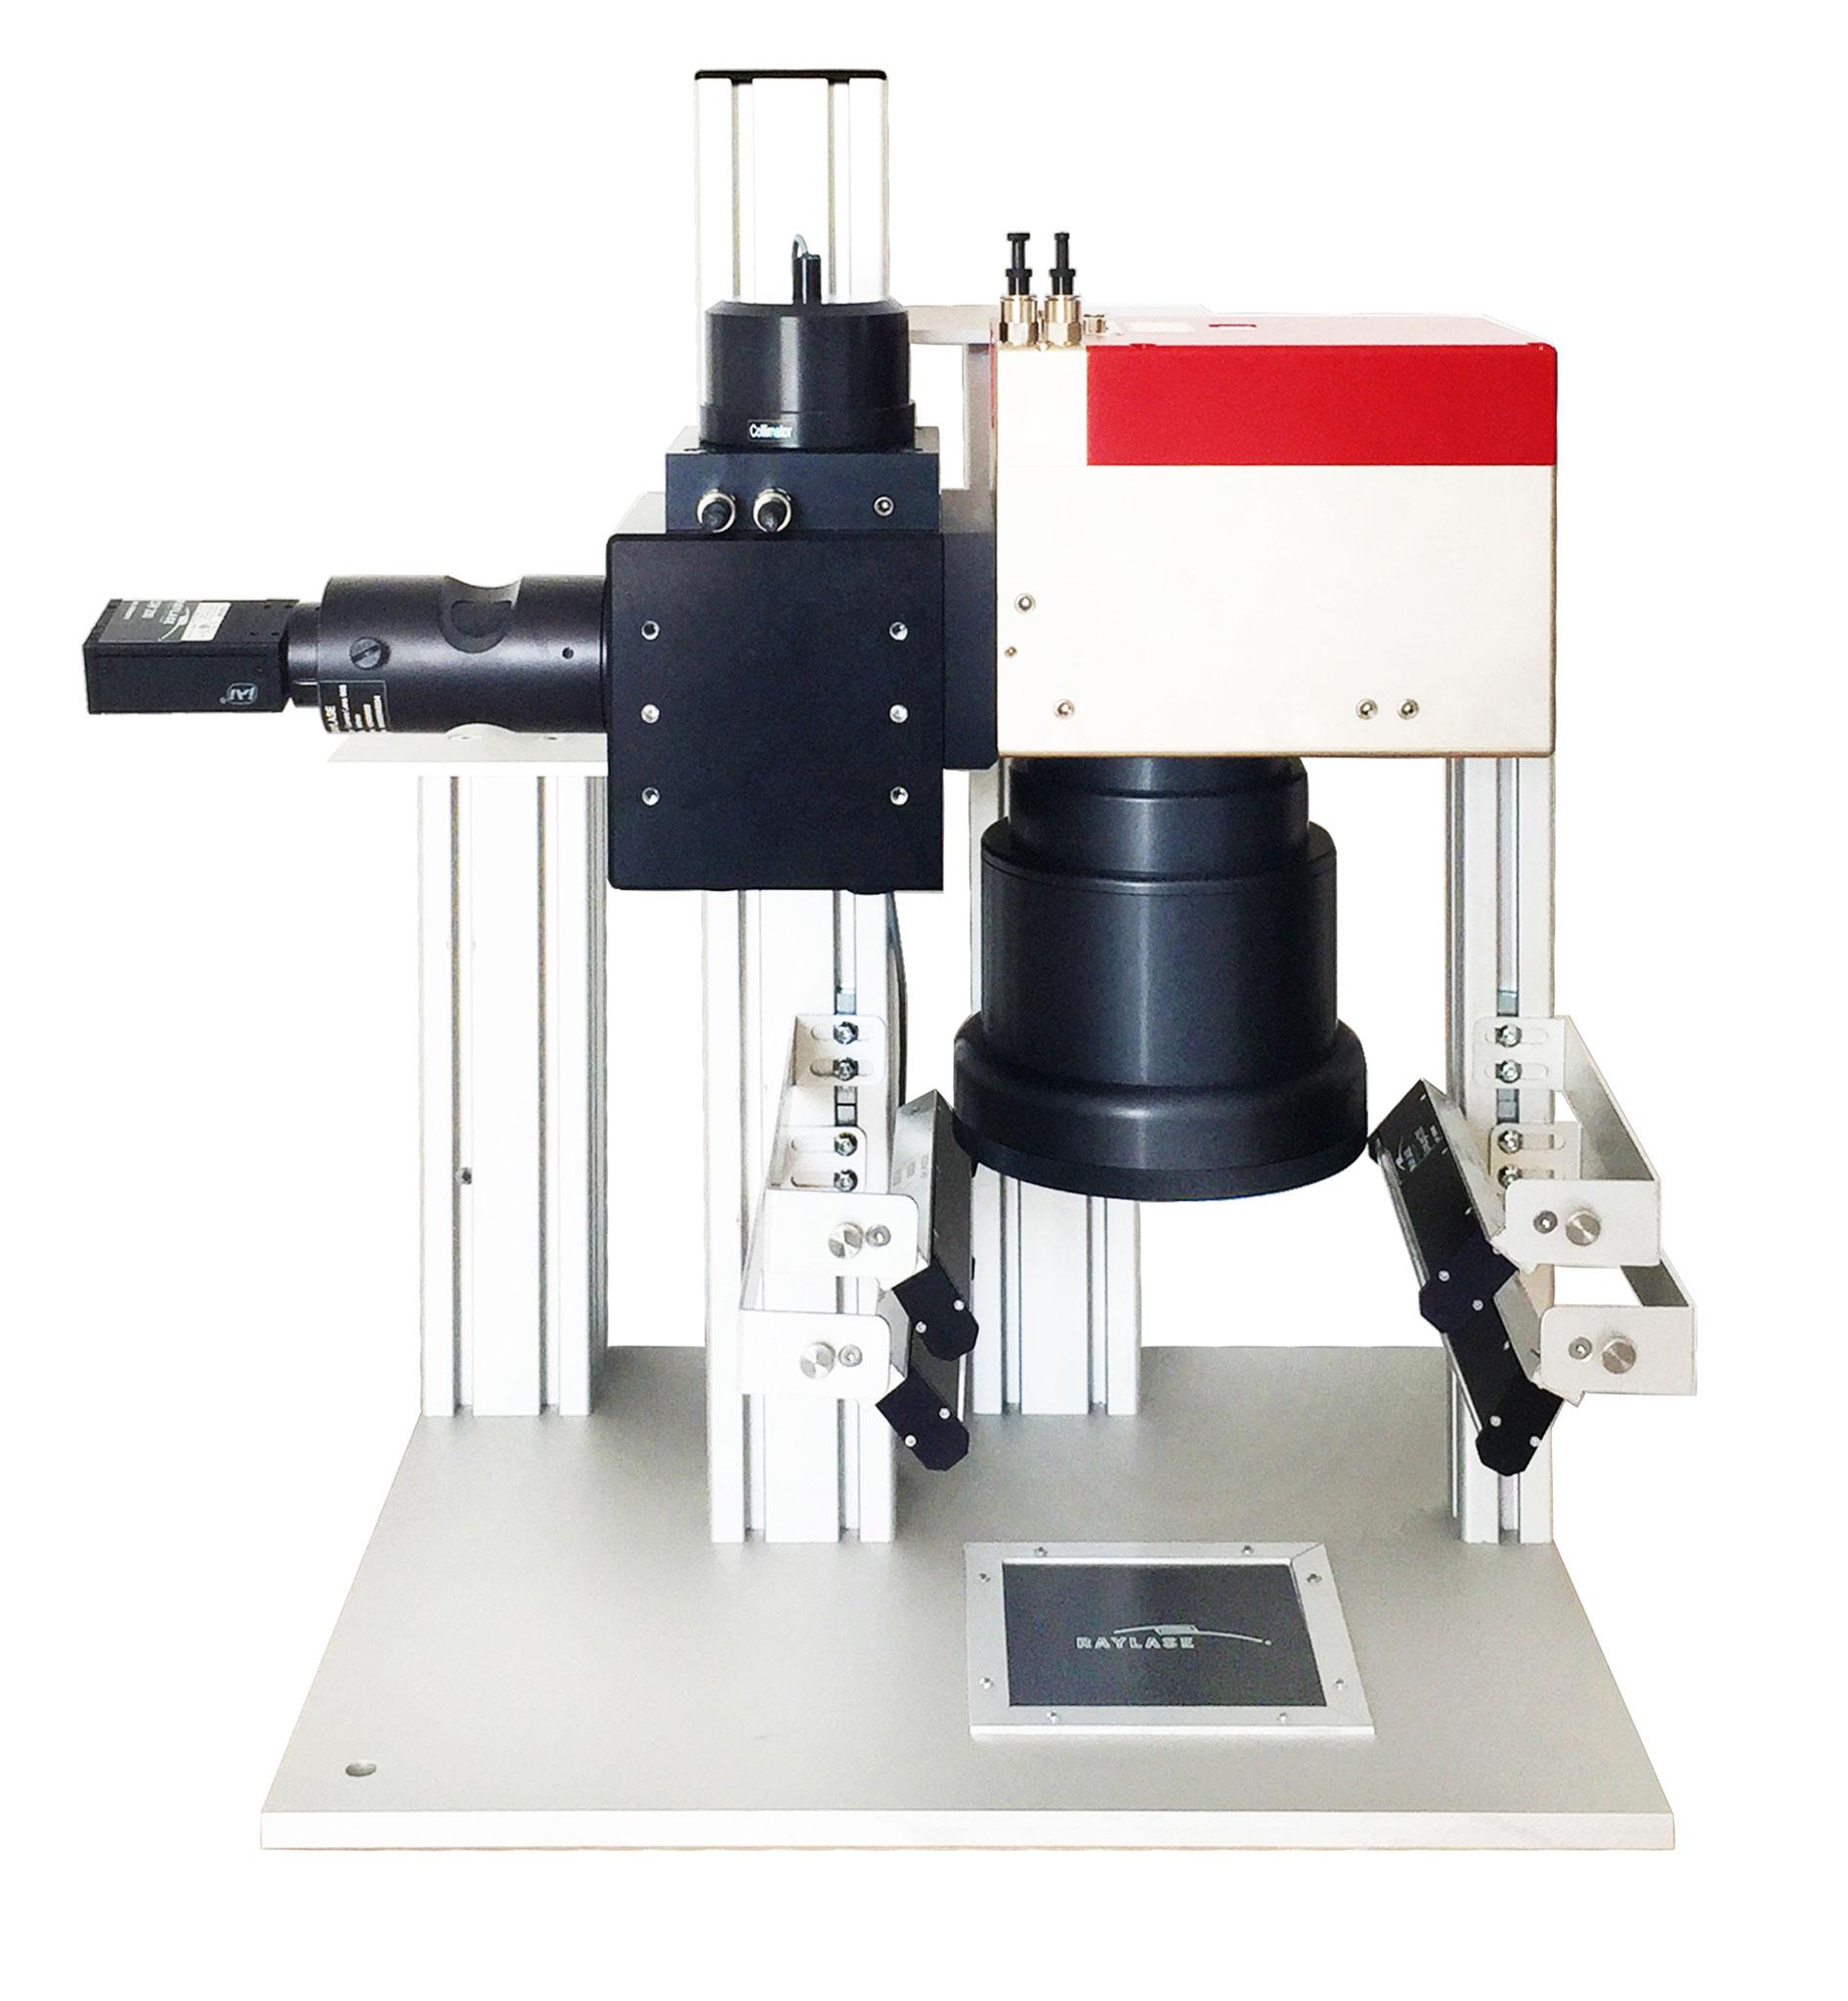 MACHINE VISION CONTROL zur Anpassung des Laserprozesses an die die Position und Ausrichtung der Werkstücke